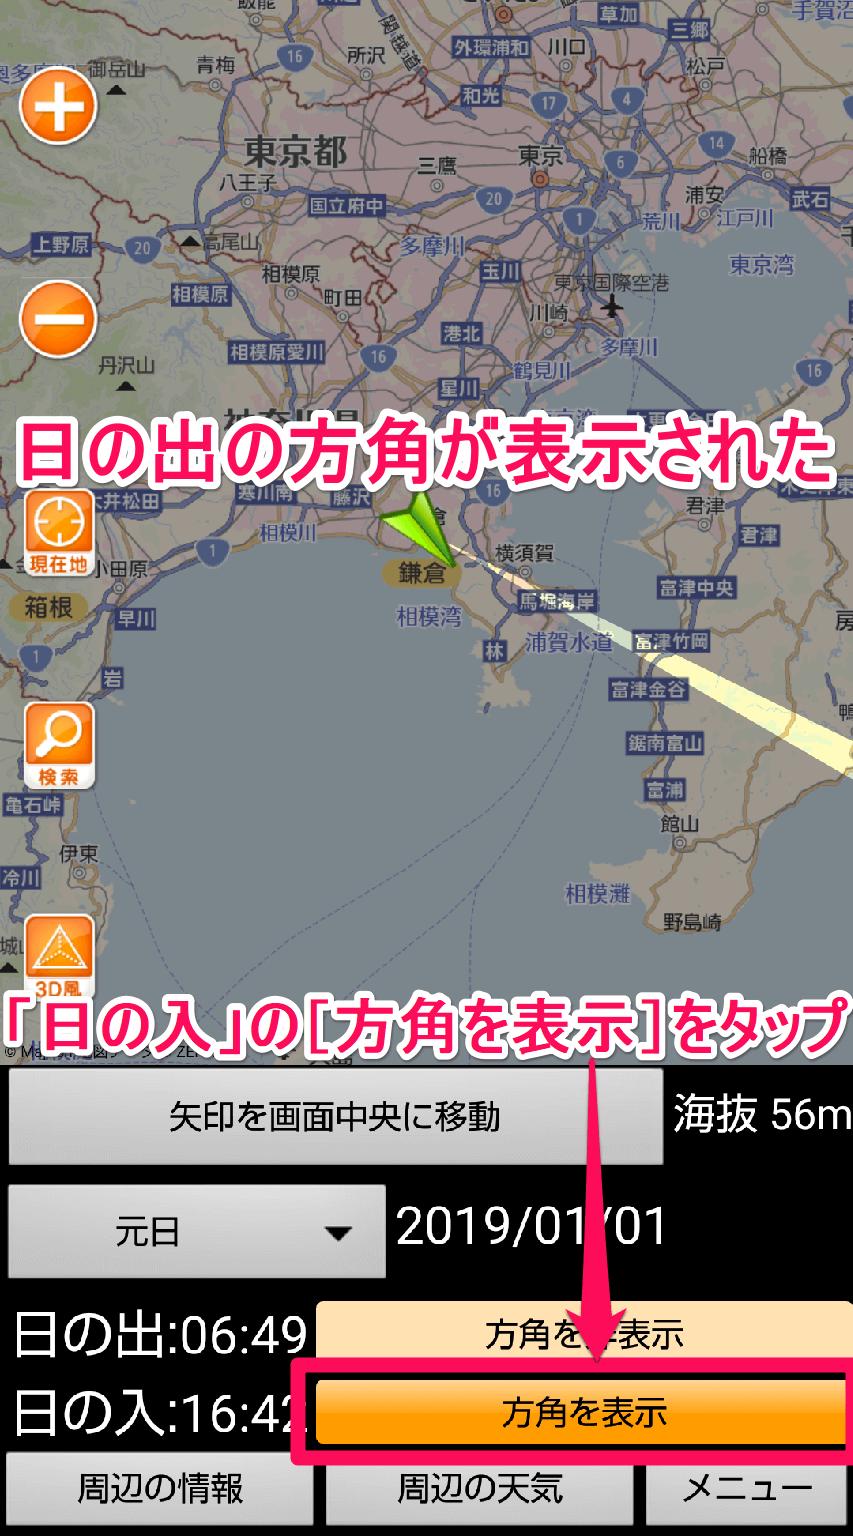 Android(アンドロイド)版[日の出日の入マピオン]アプリで日の入りの方角を表示した画面